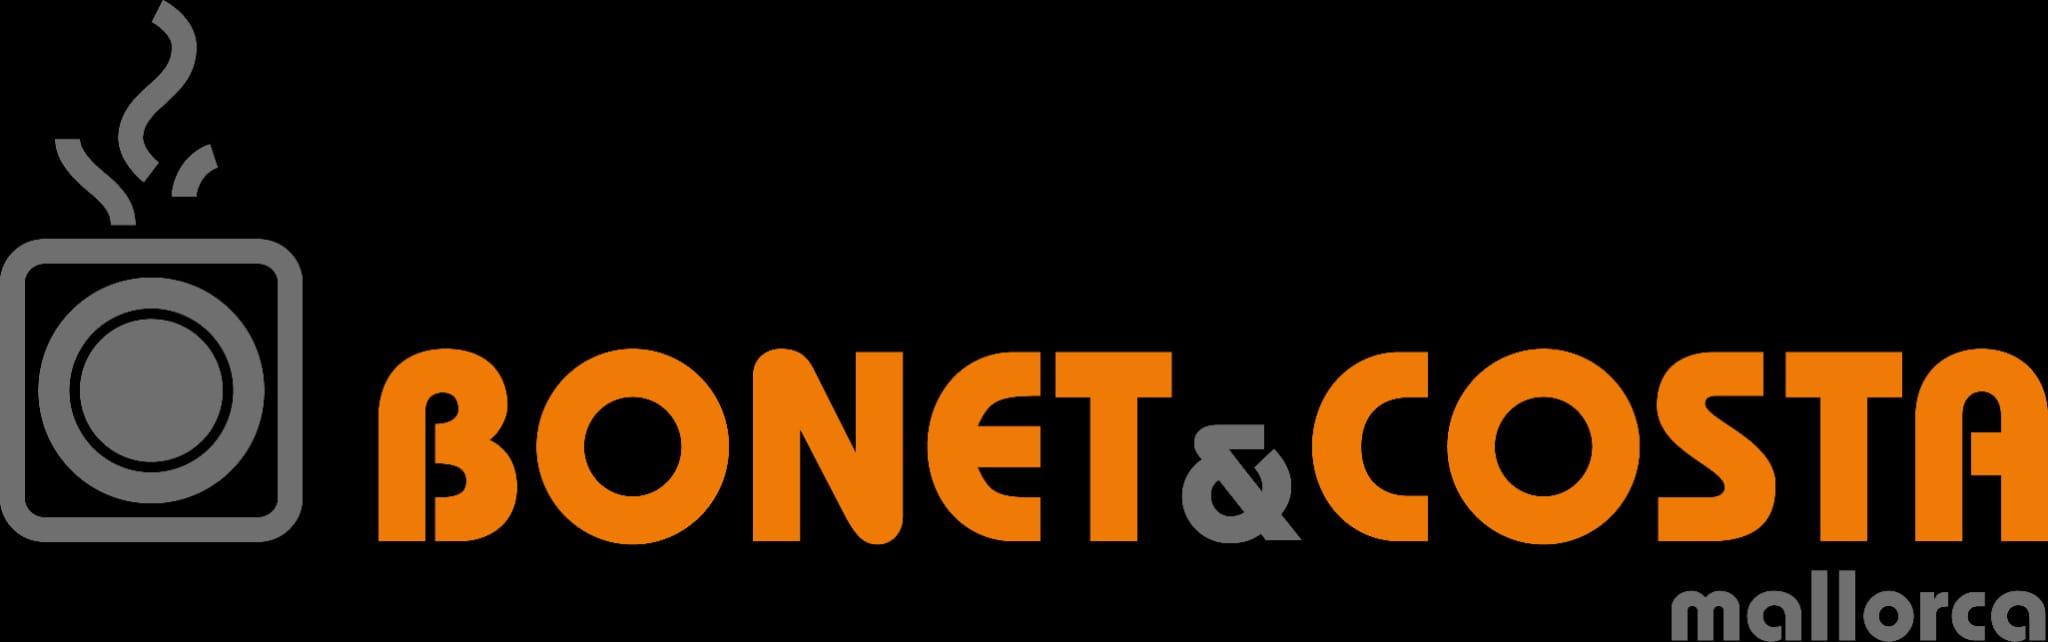 Bonet & Costa